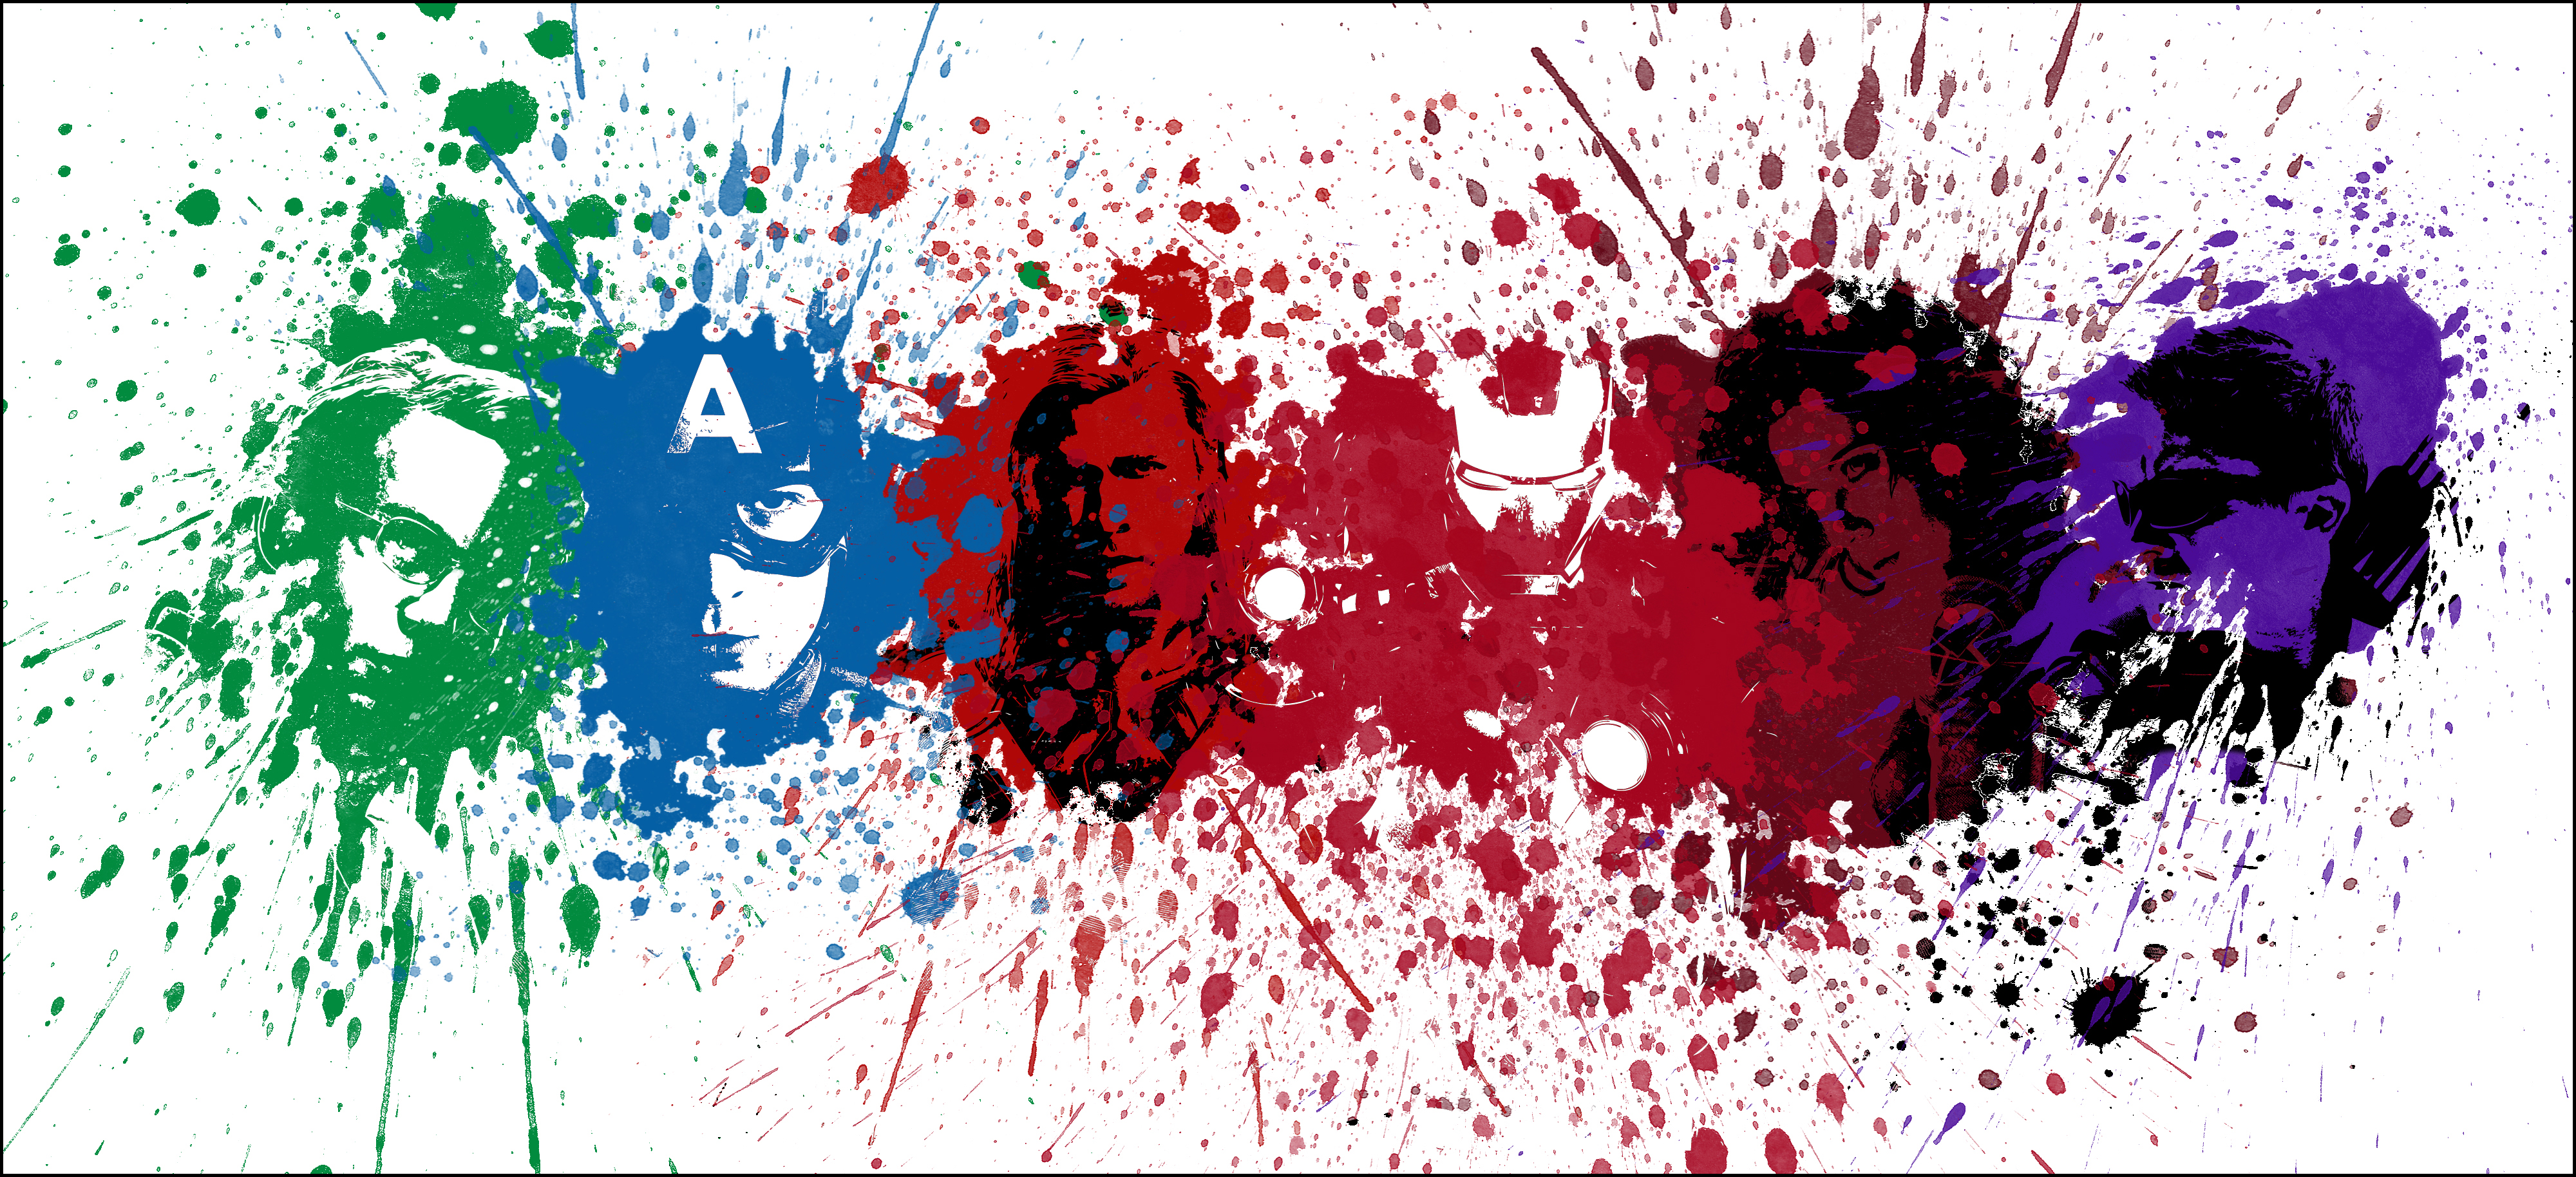 Avengers Splatter by DesignsByTopher